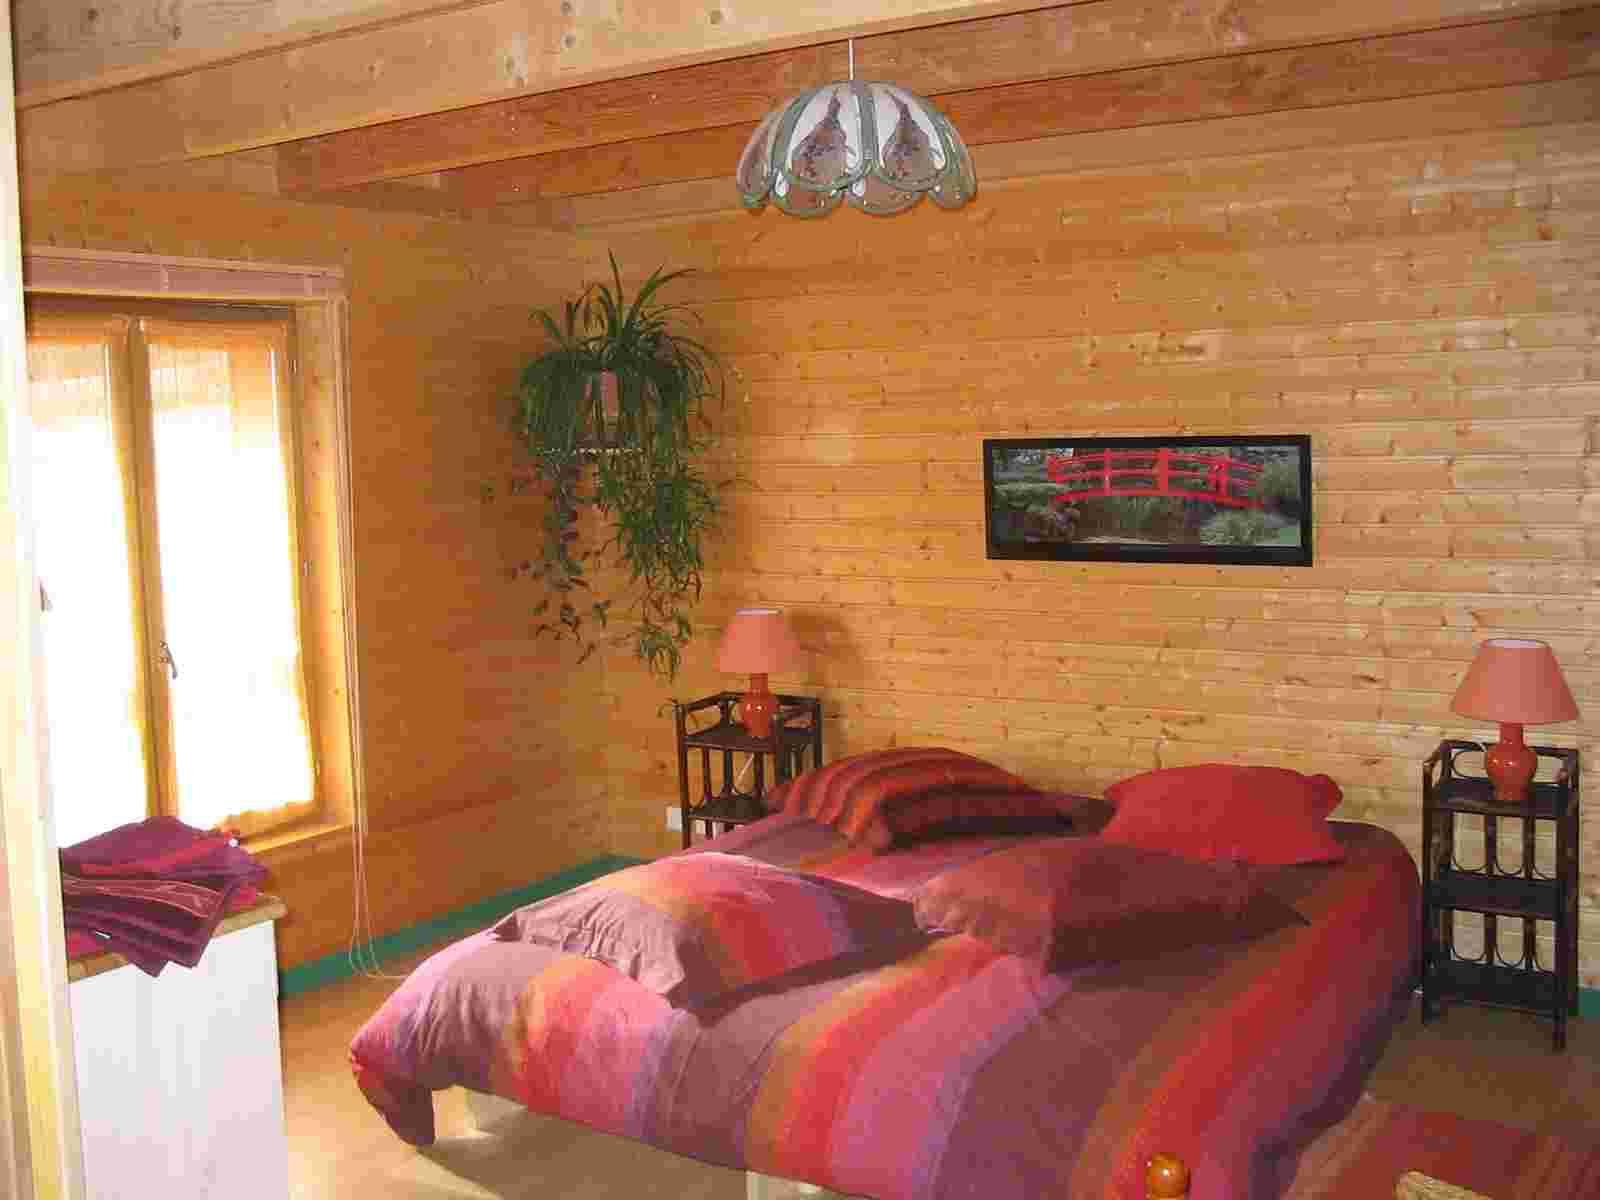 Chambre d'hote Hautes Alpes - La chambre Lumineuse